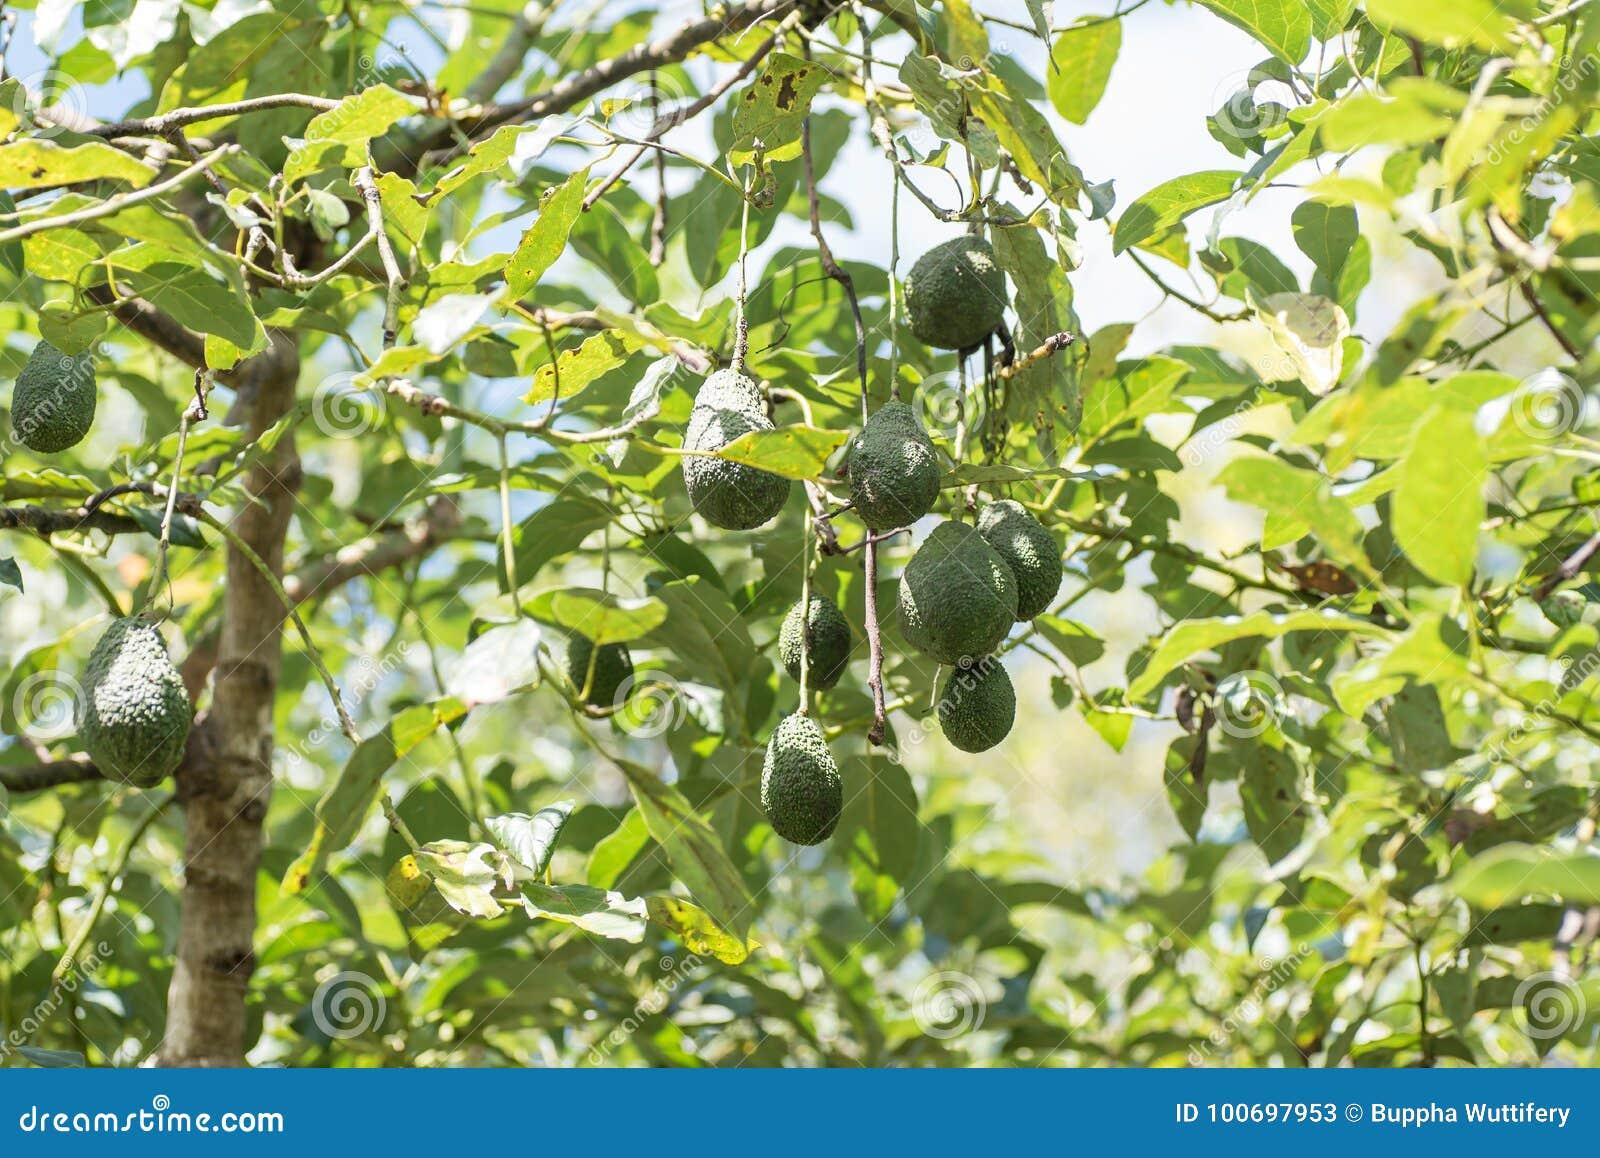 groupe d'avocat accrochant sur l'arbre image stock - image du